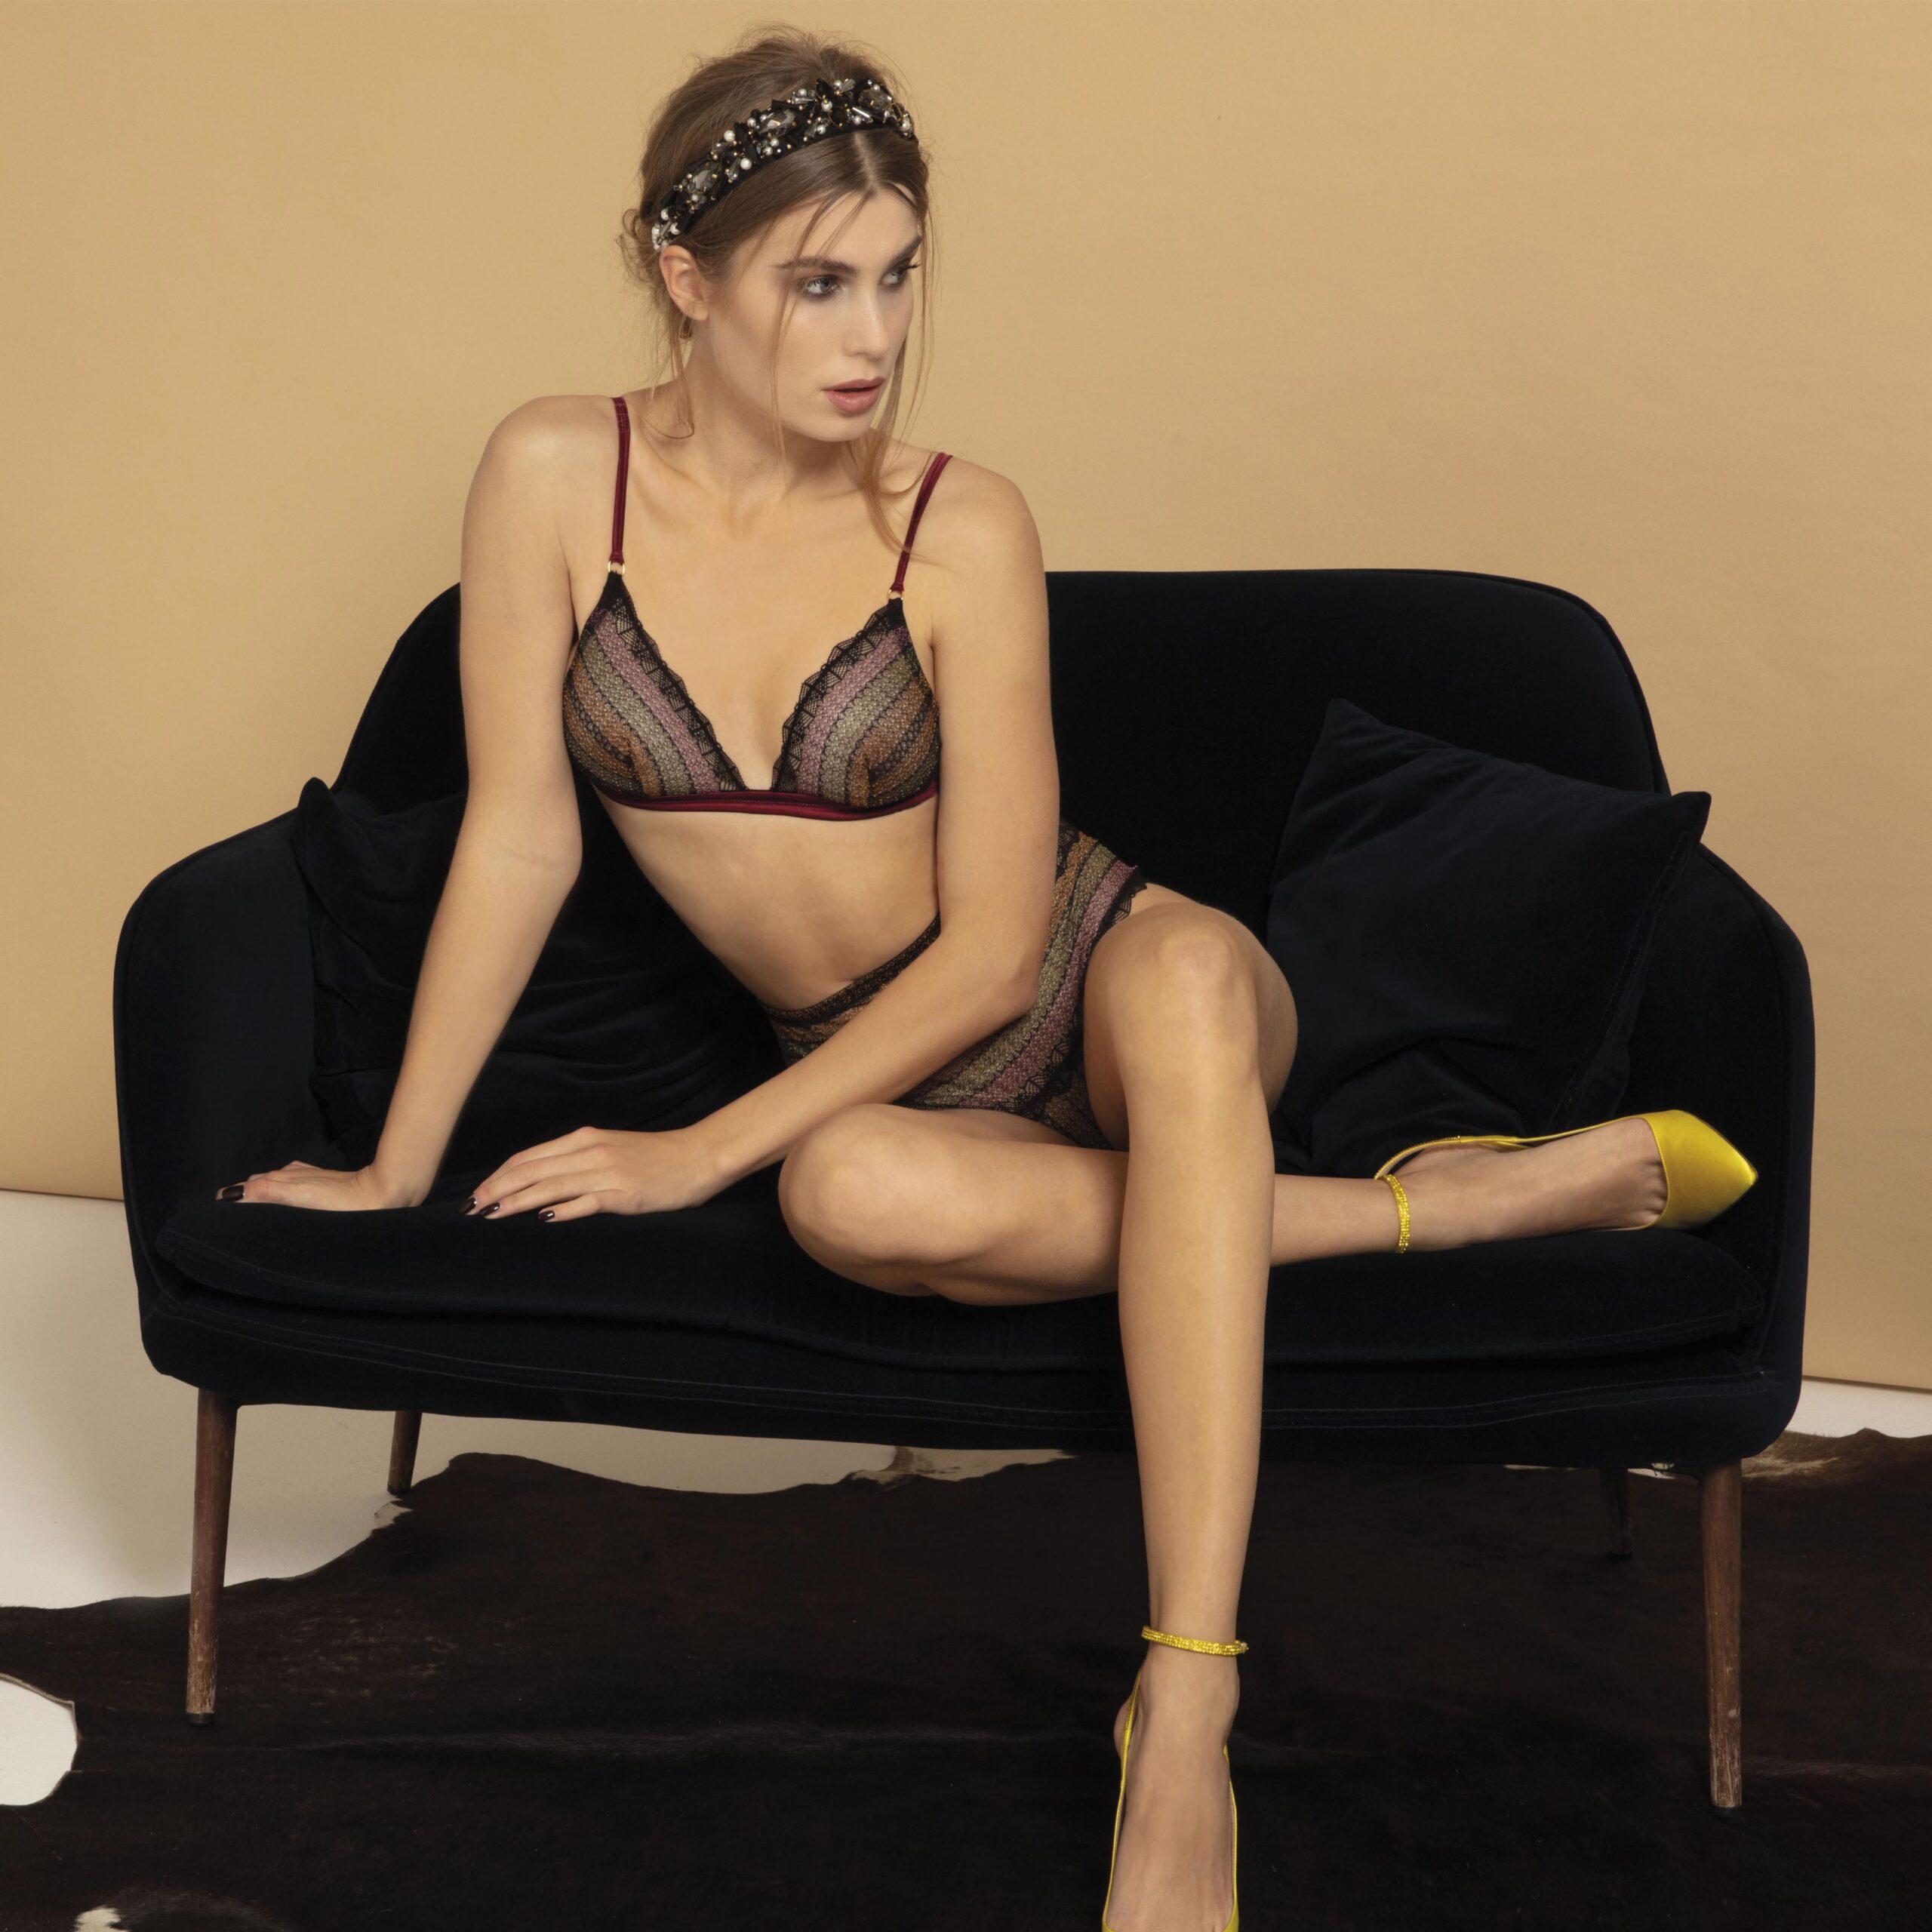 completino-reggiseno-slip-valery-lingerie-biancheria-intima-donna-autunno-inverno-2022